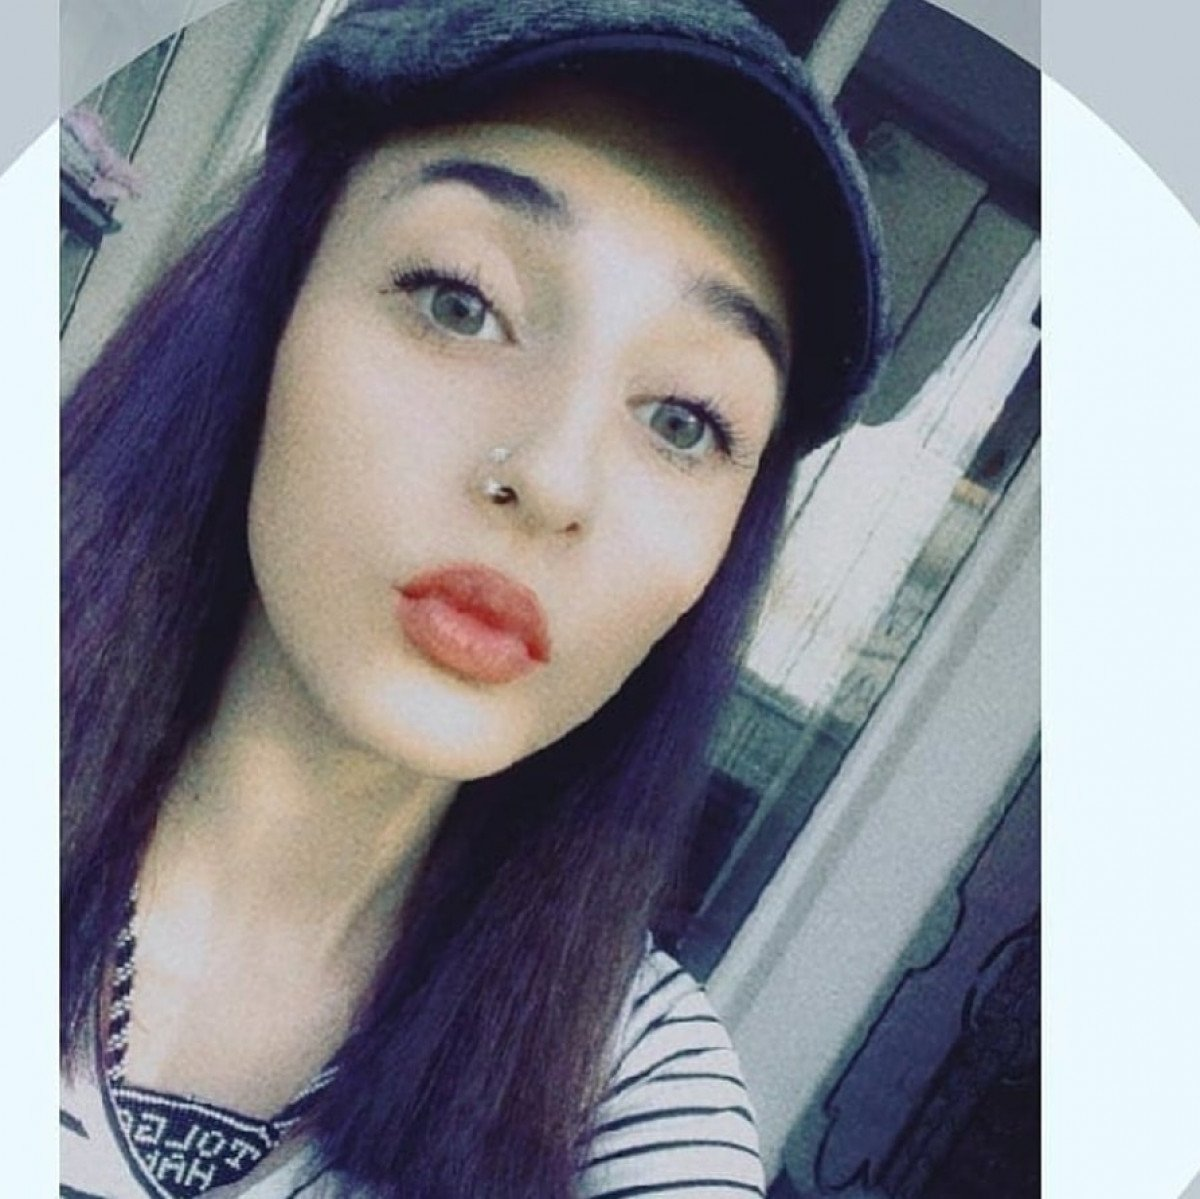 Kayseri'de 16 yaşındaki genç kızı arkadaşı öldürdü #2